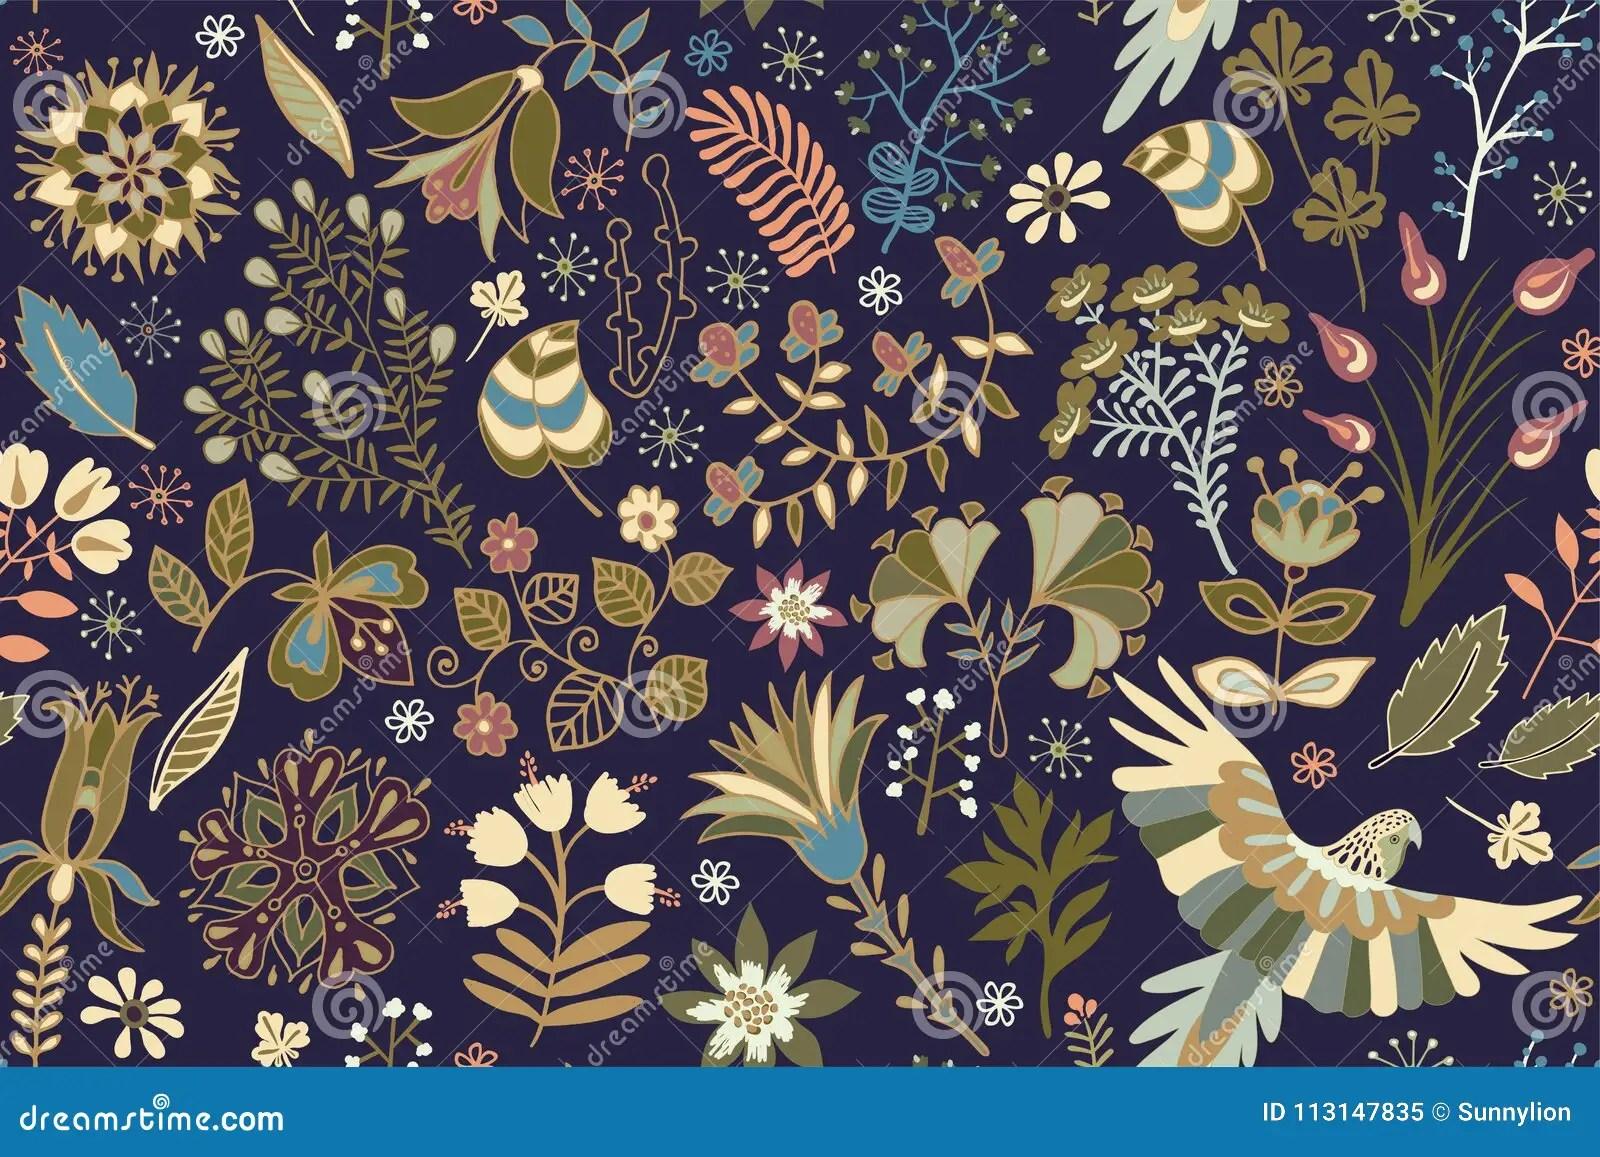 Co e vogliono portare avanti l'antica tradizione olandese. Vector Il Modello Senza Cuciture Luminoso Con Le Piante Tropicali I Fiori E Gli Uccelli Carta Da Parati Variopinta Per Il Tessut Illustrazione Vettoriale Illustrazione Di Grafico Giungla 113147835